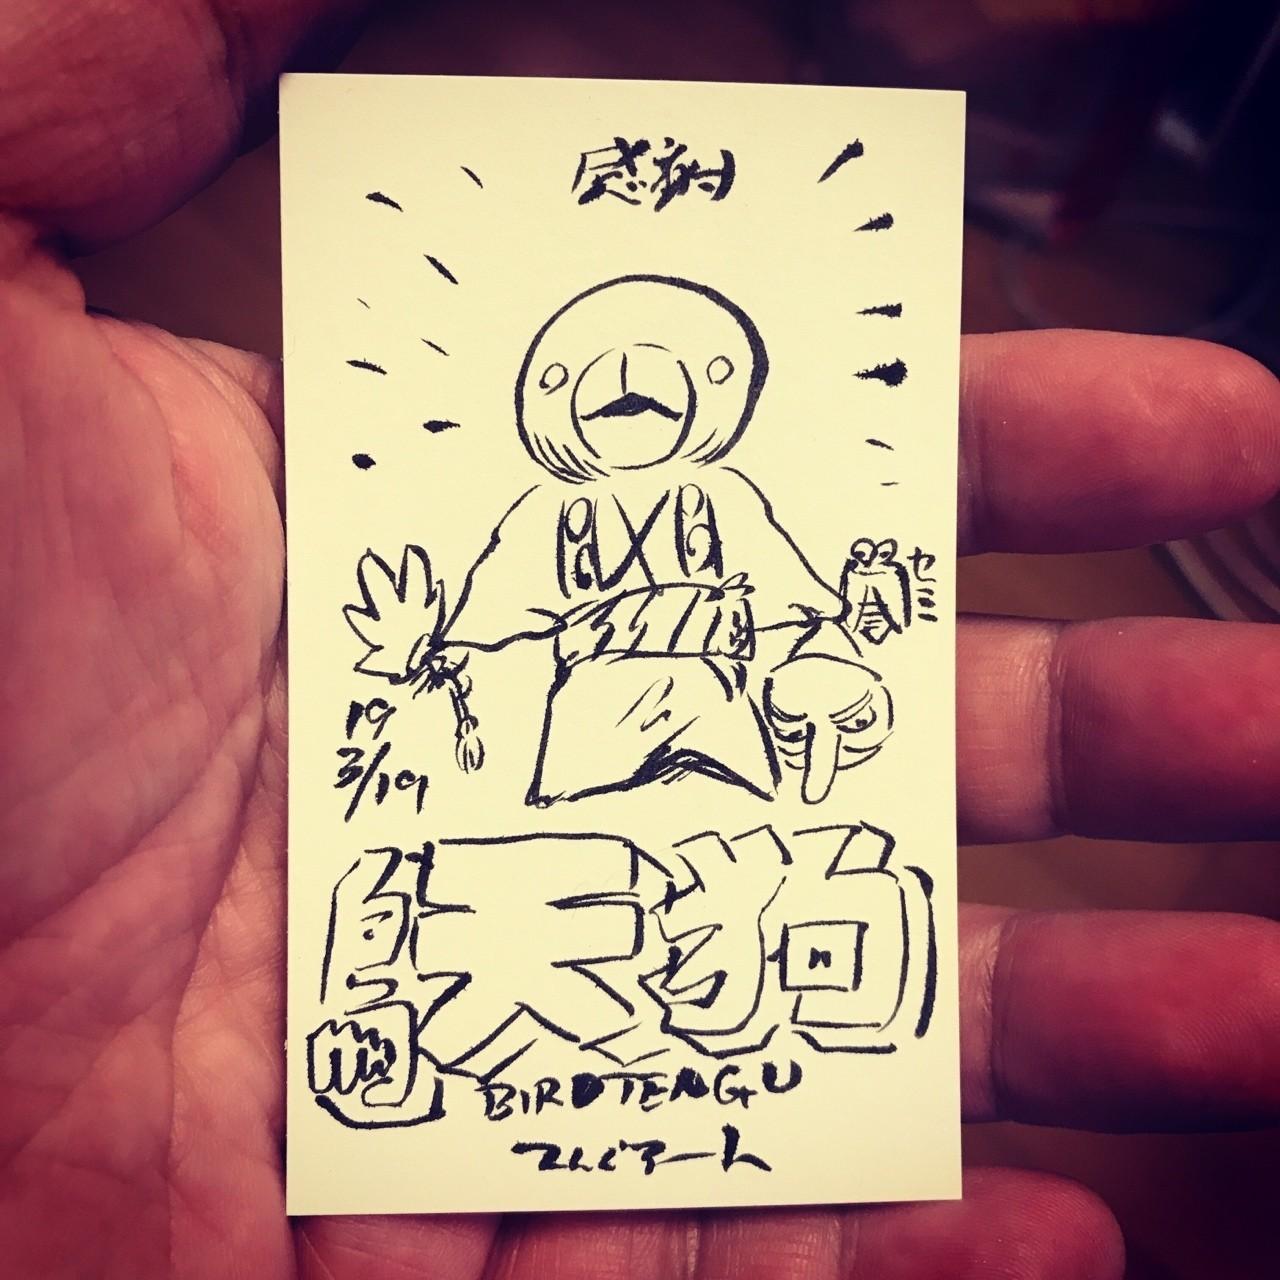 手描きカード てんぐアートでお買い上げいただけますと、何かしらオマケを付けますが、カードは確実にお付けします。 ◇SHOP! てんぐアート◇ tengart.thebase.in        #天狗 #てんぐアート #手描きカード #オマケ 